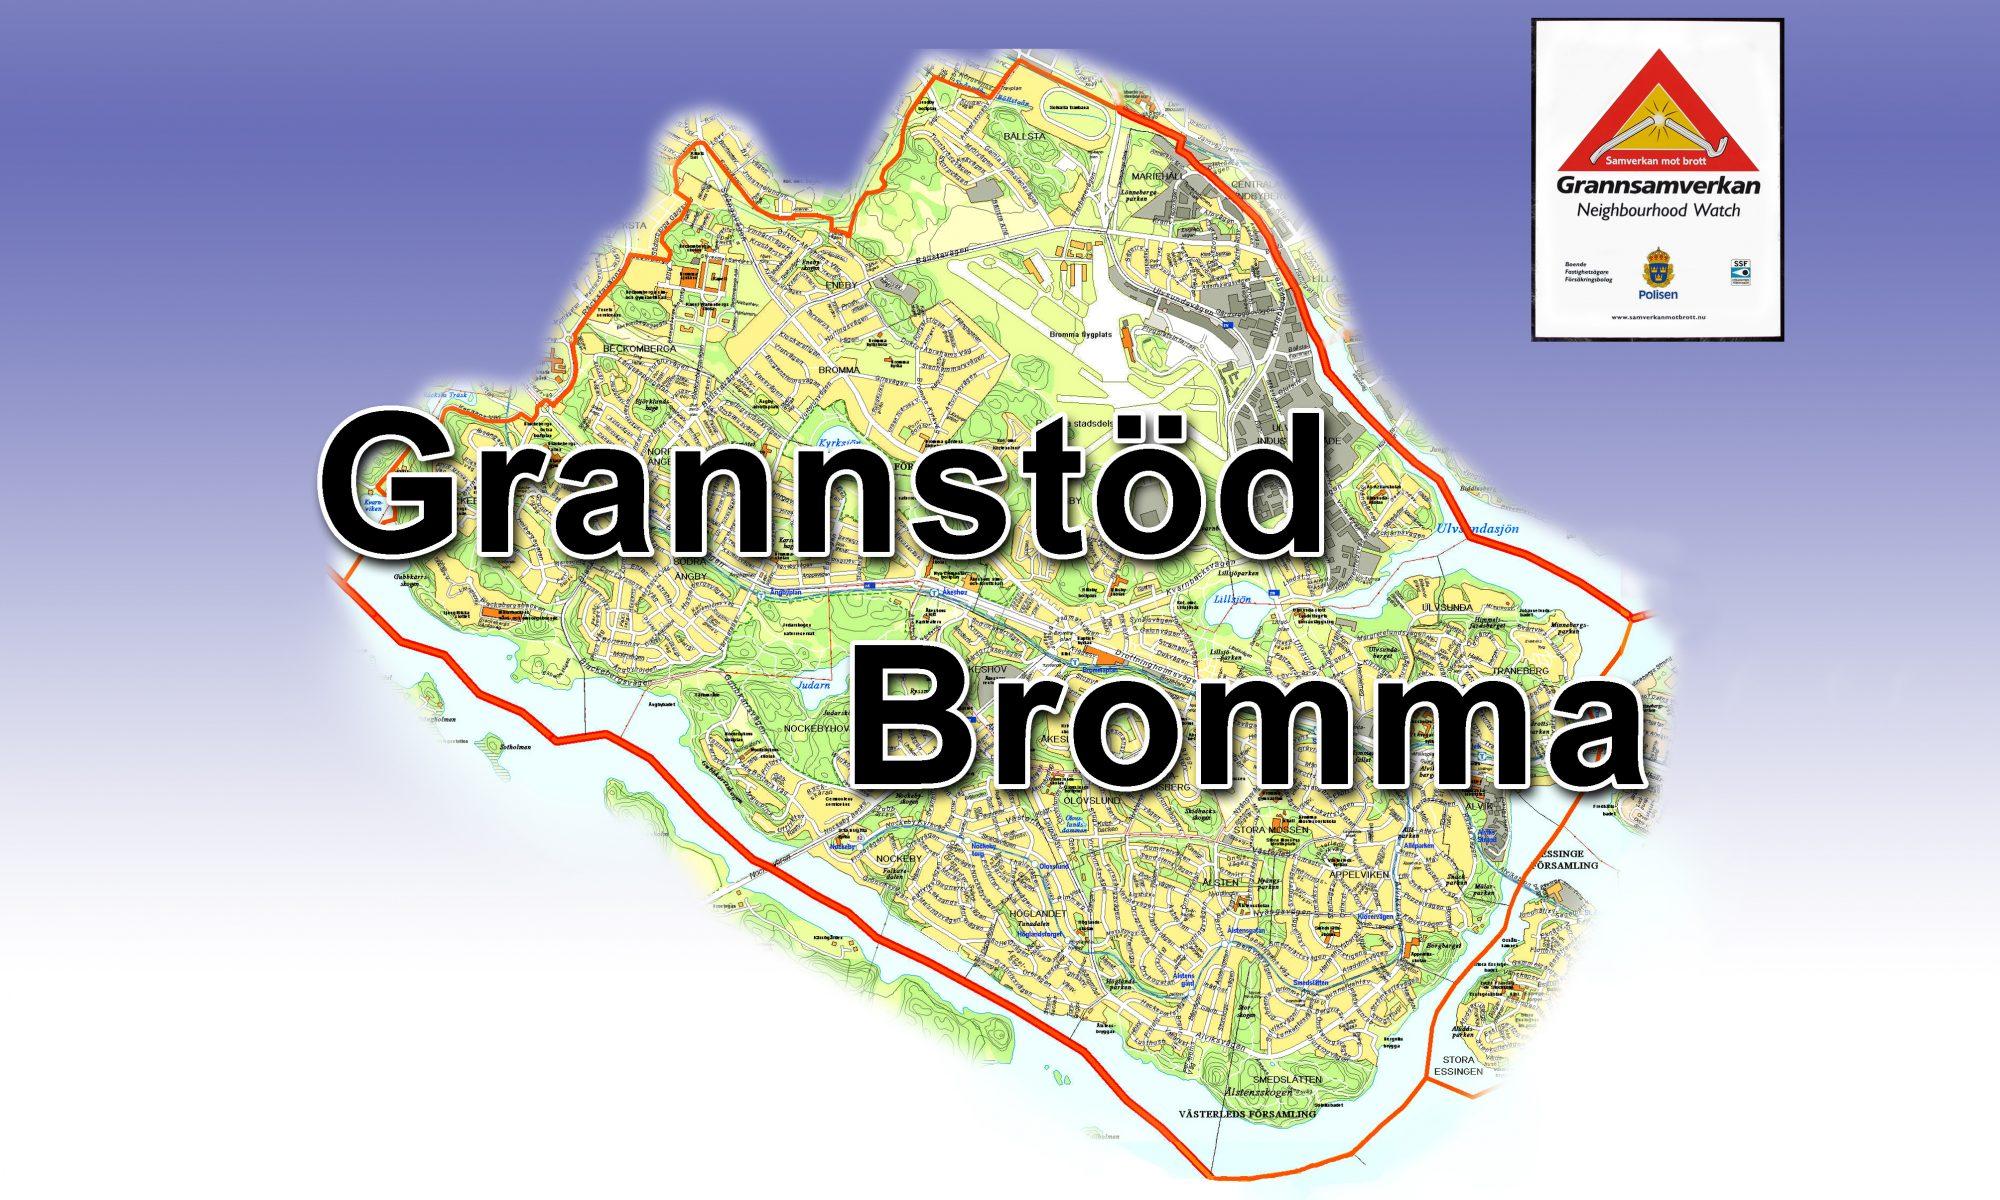 Grannstöd Bromma